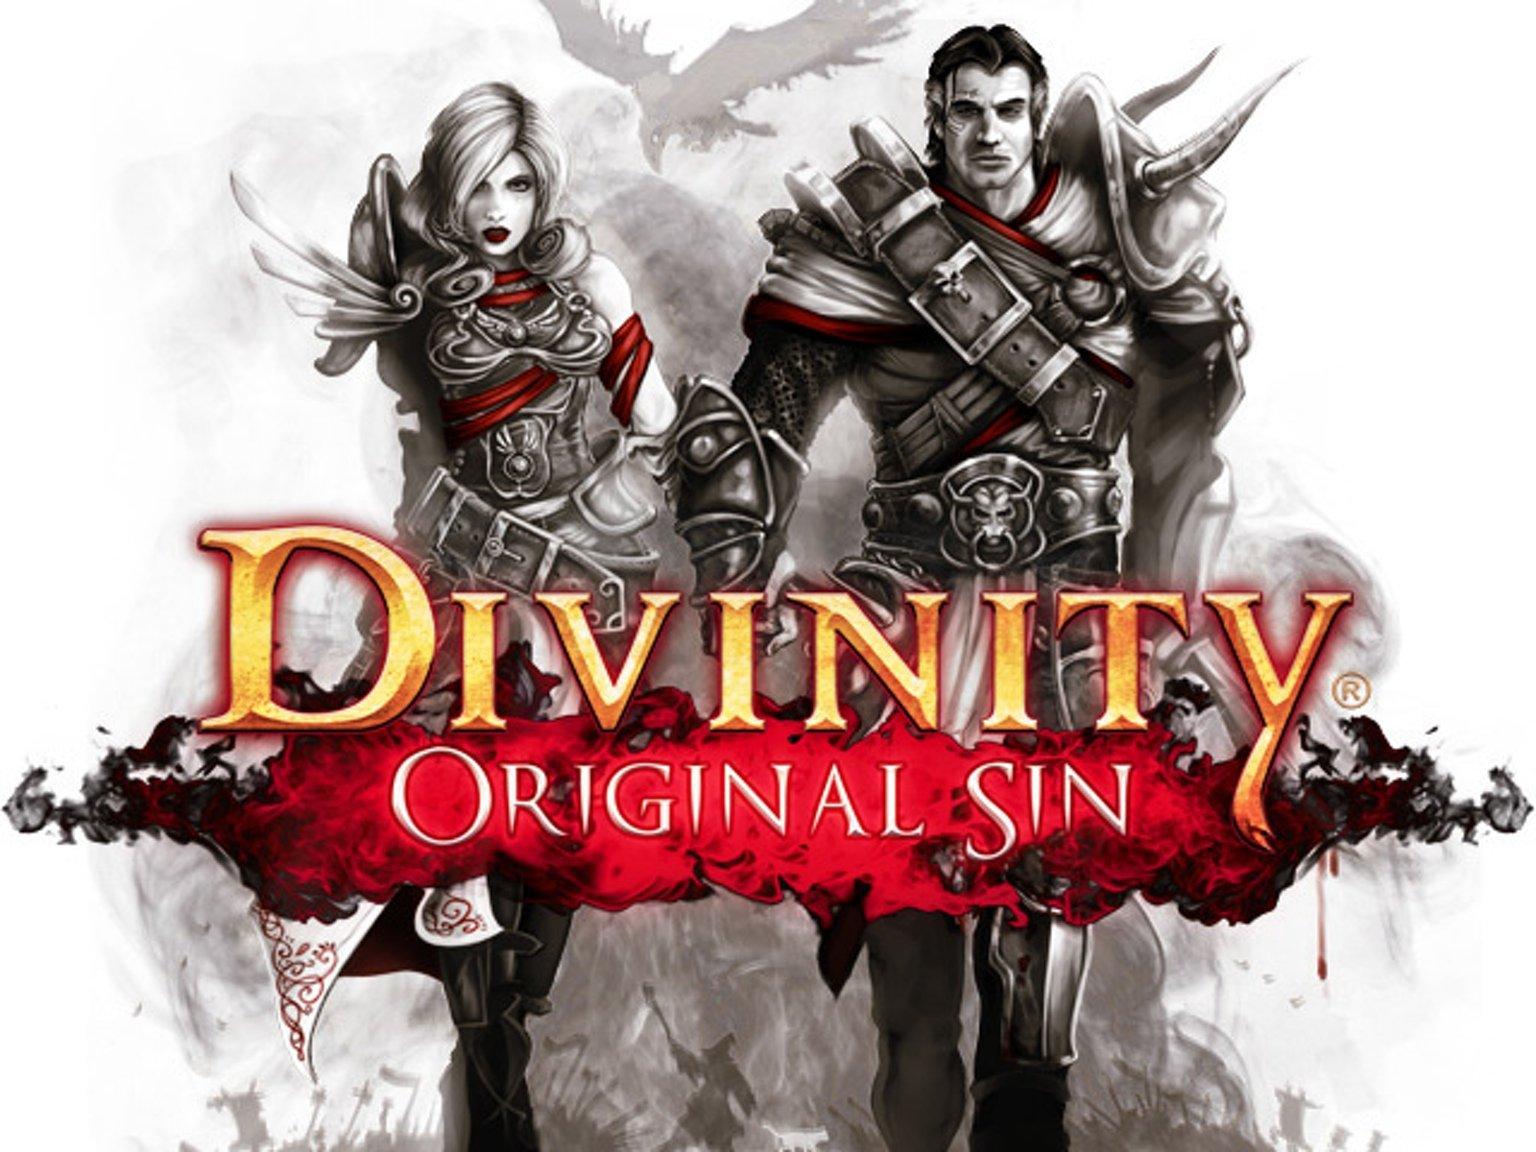 Divinity: Original Sin выйдет на Консолях! - Изображение 1